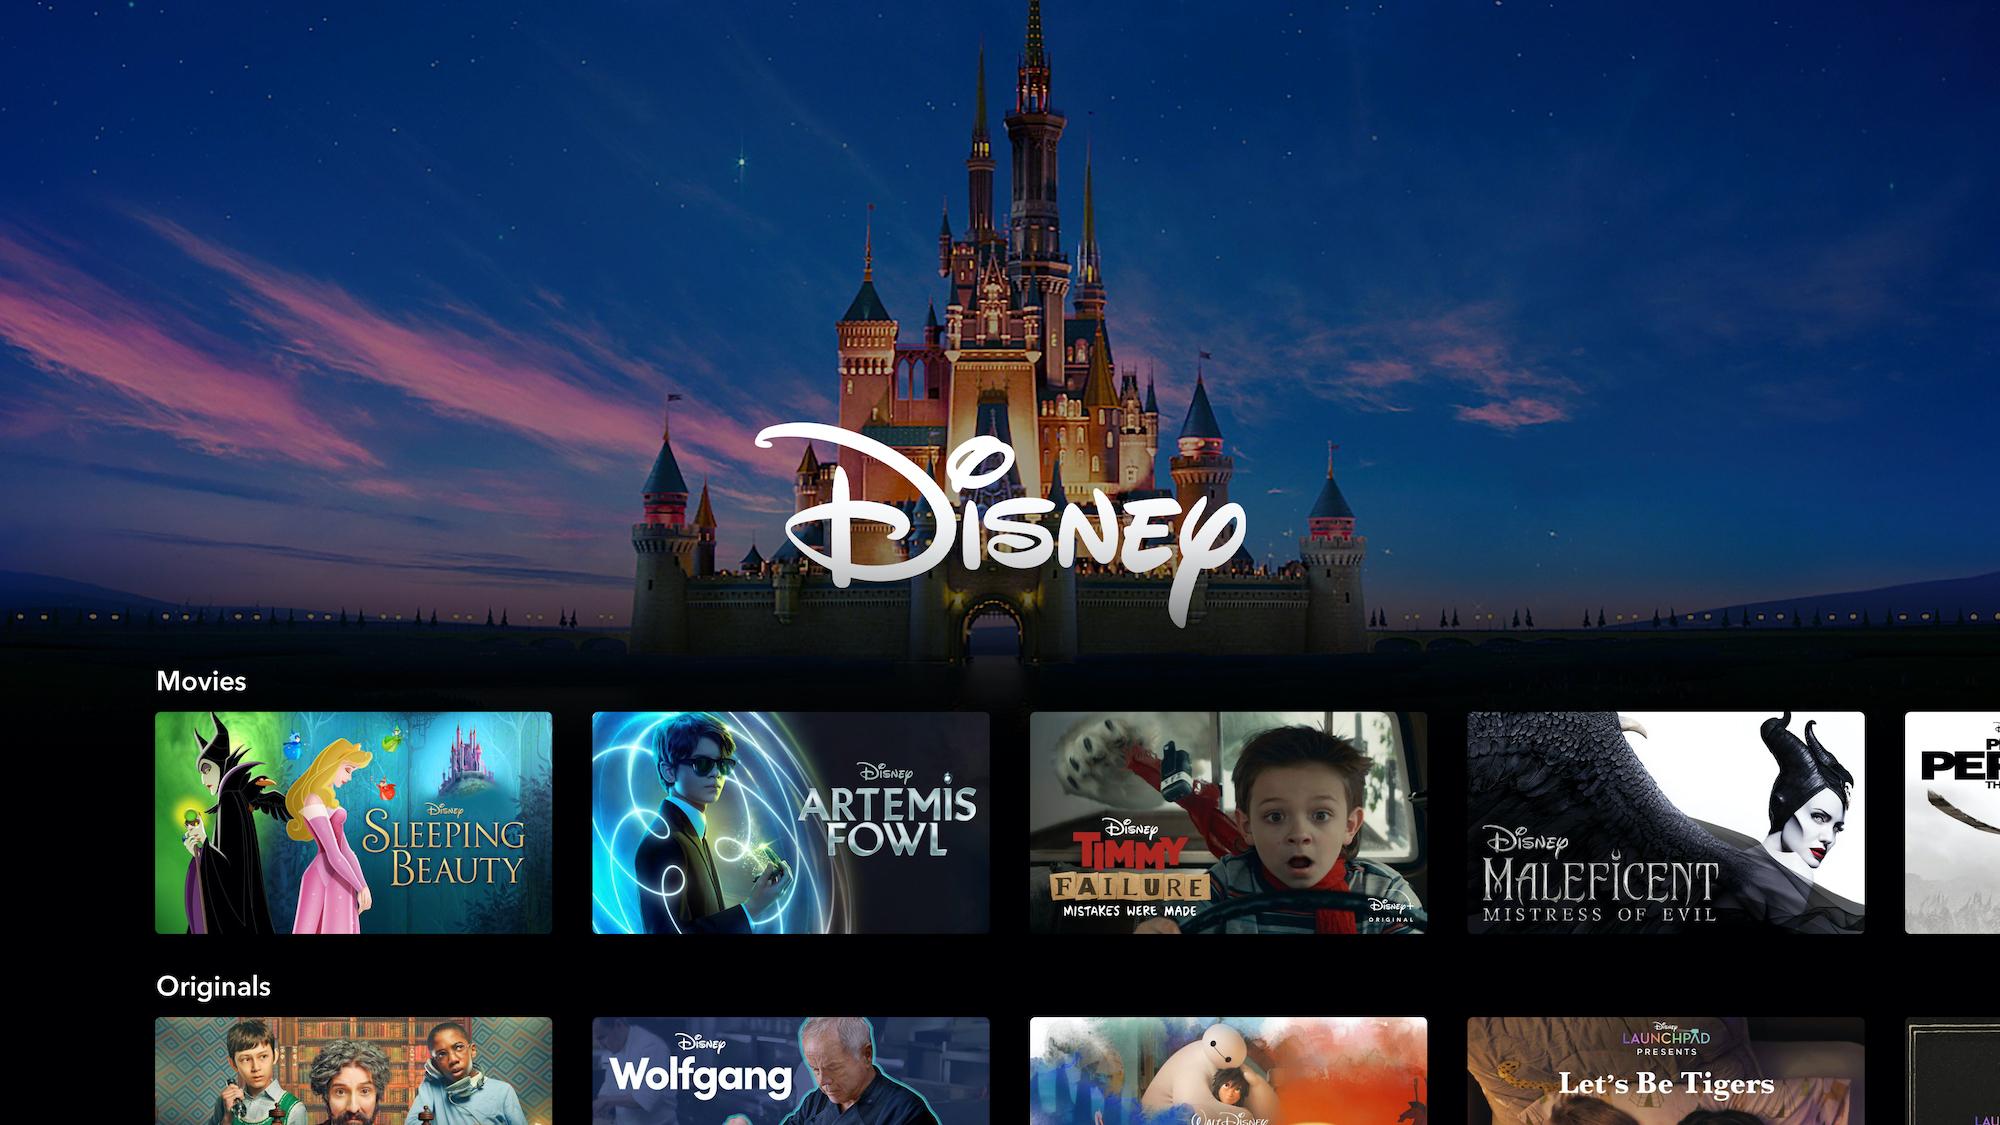 How to Get Disney Plus with Amazon Prime